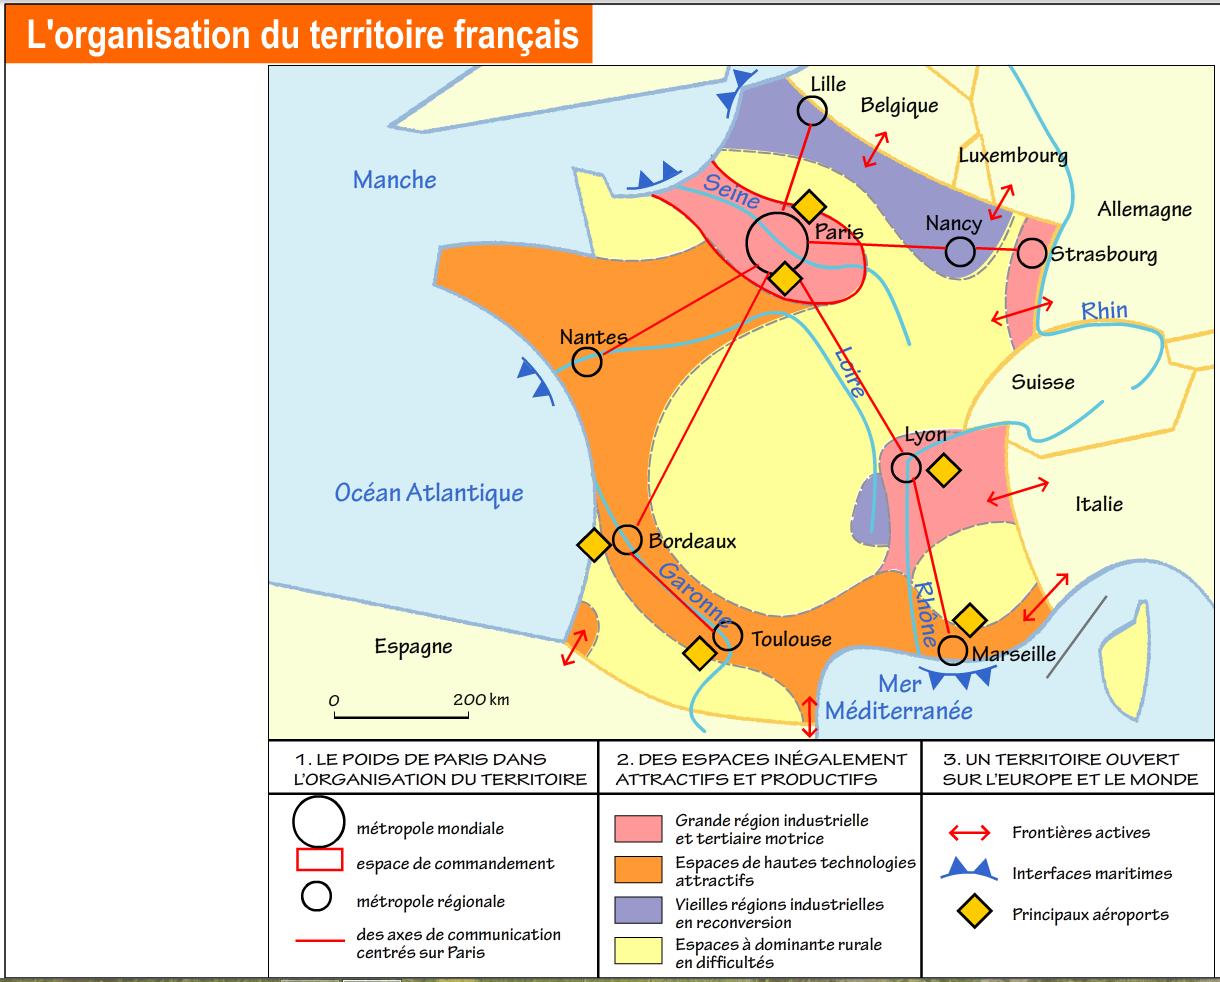 Carte - organisation du territoire français